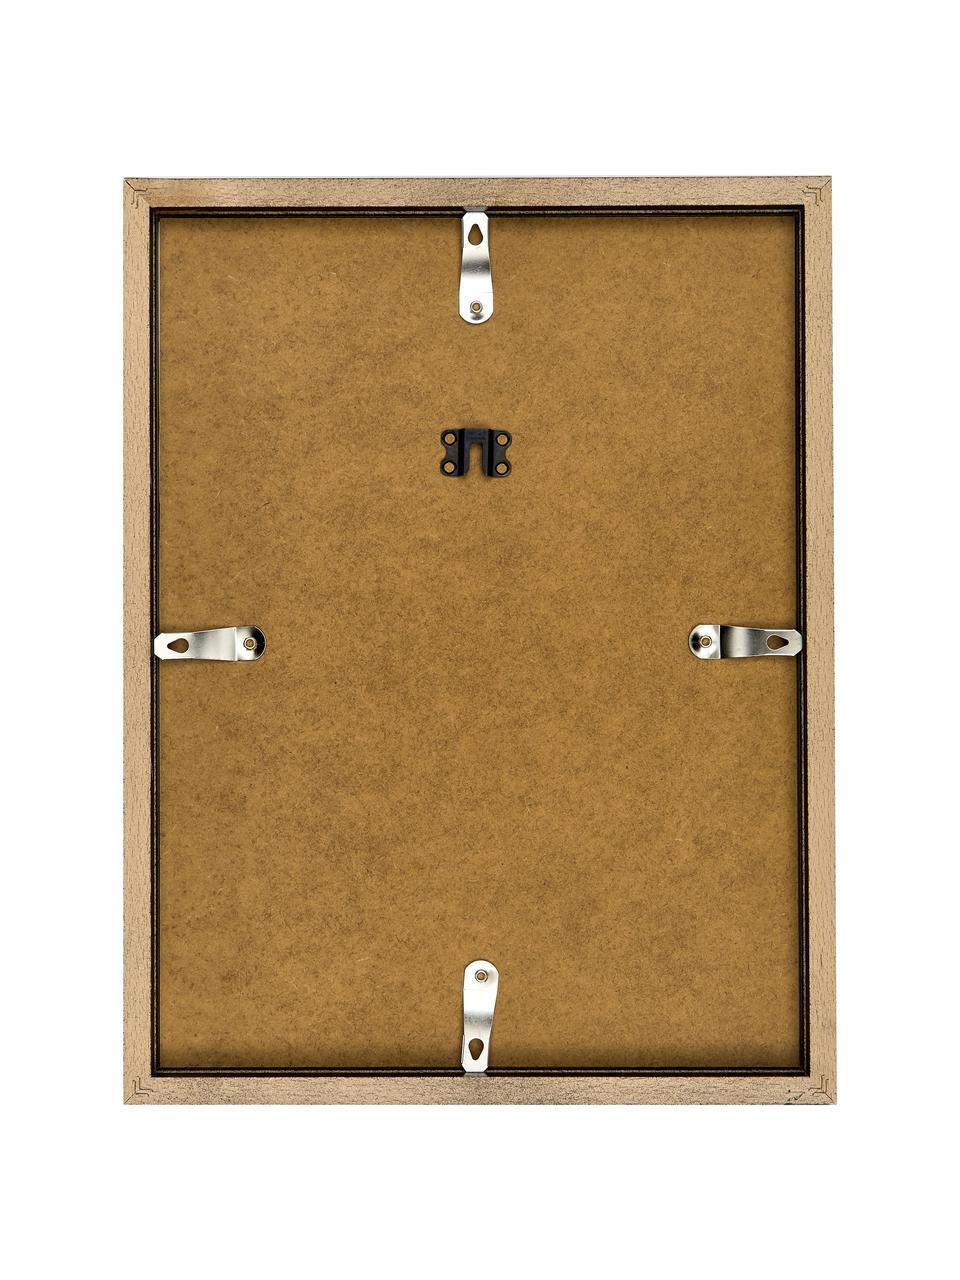 Ingelijste digitale print Robert Redford, Afbeelding: digitale print op papier,, Lijst: gelakt hout, Afbeelding: zwart, wit. Lijst: zwart, 33 x 43 cm